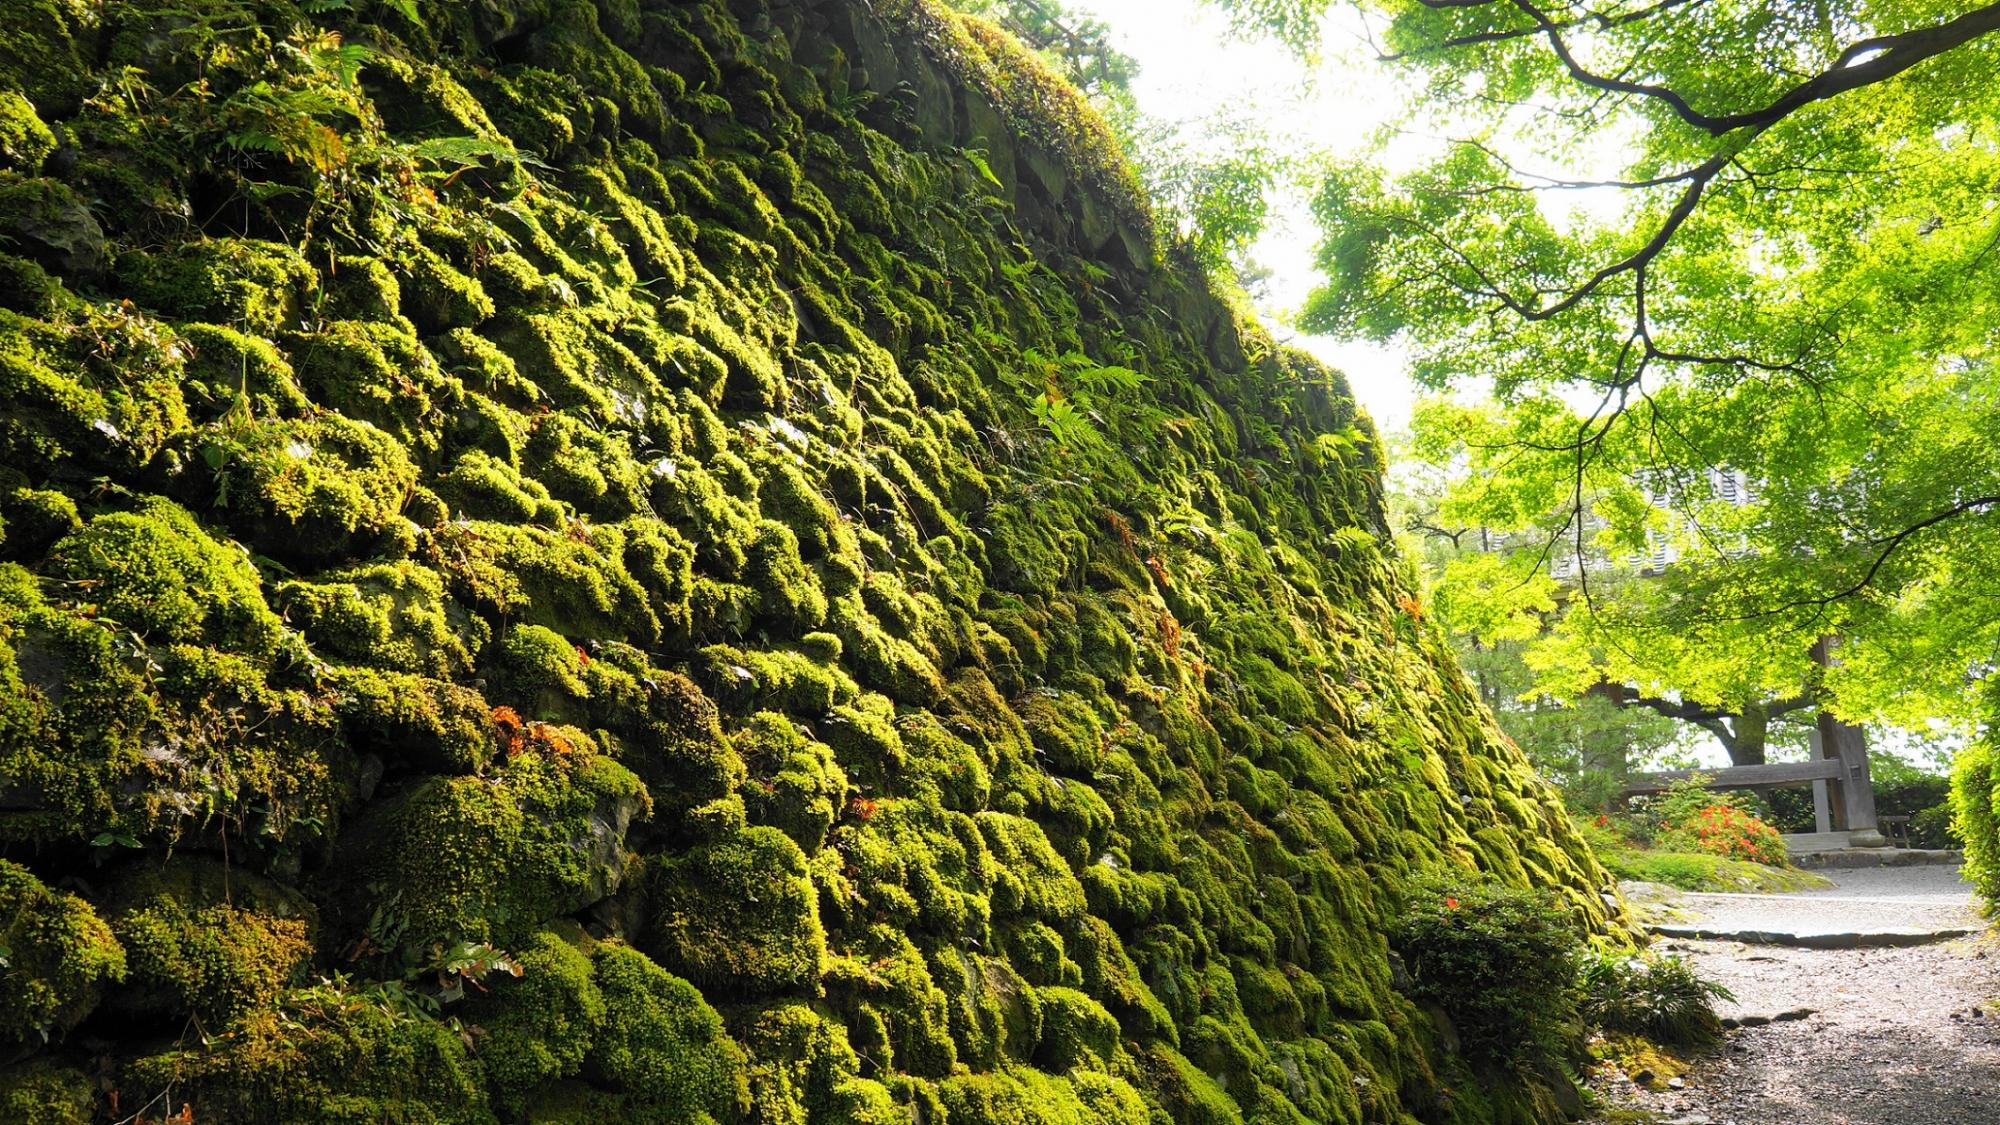 善峯寺つりがね堂前の眩い緑の苔に覆われた石垣